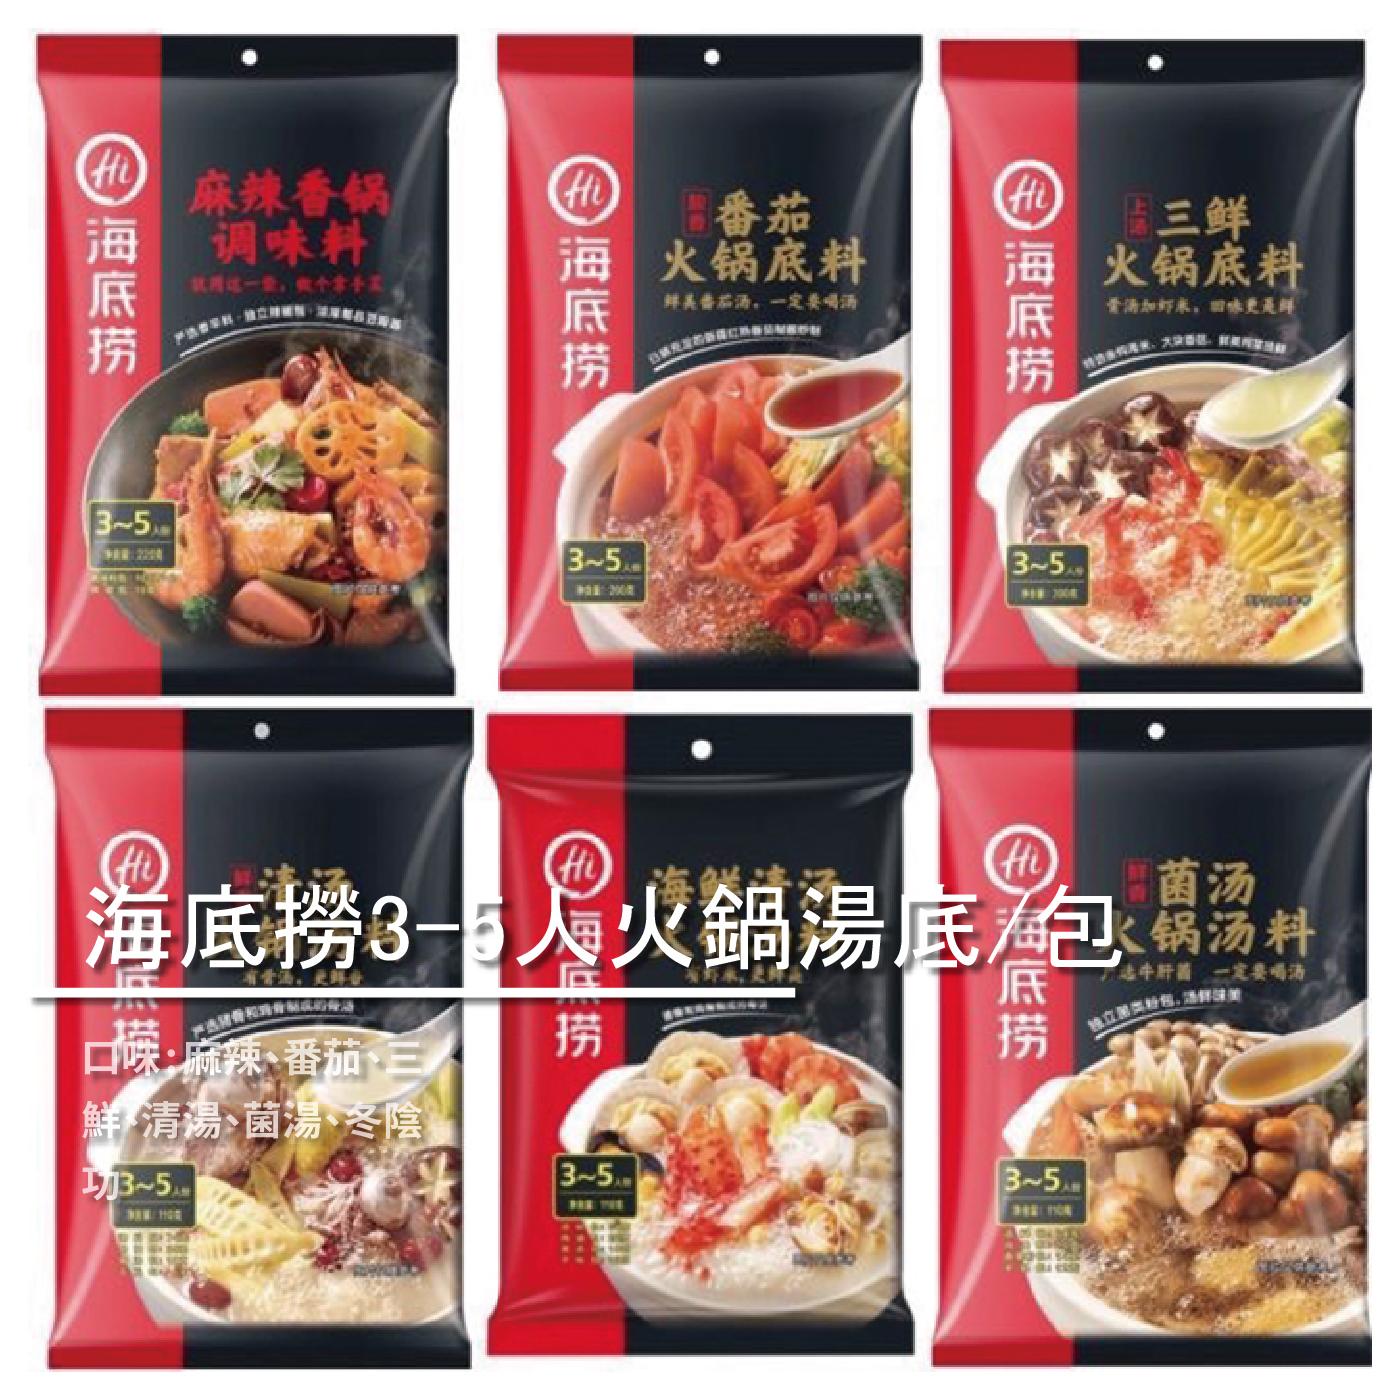 【蟹大盜生鮮市集】海底撈3-5人火鍋湯底 /包